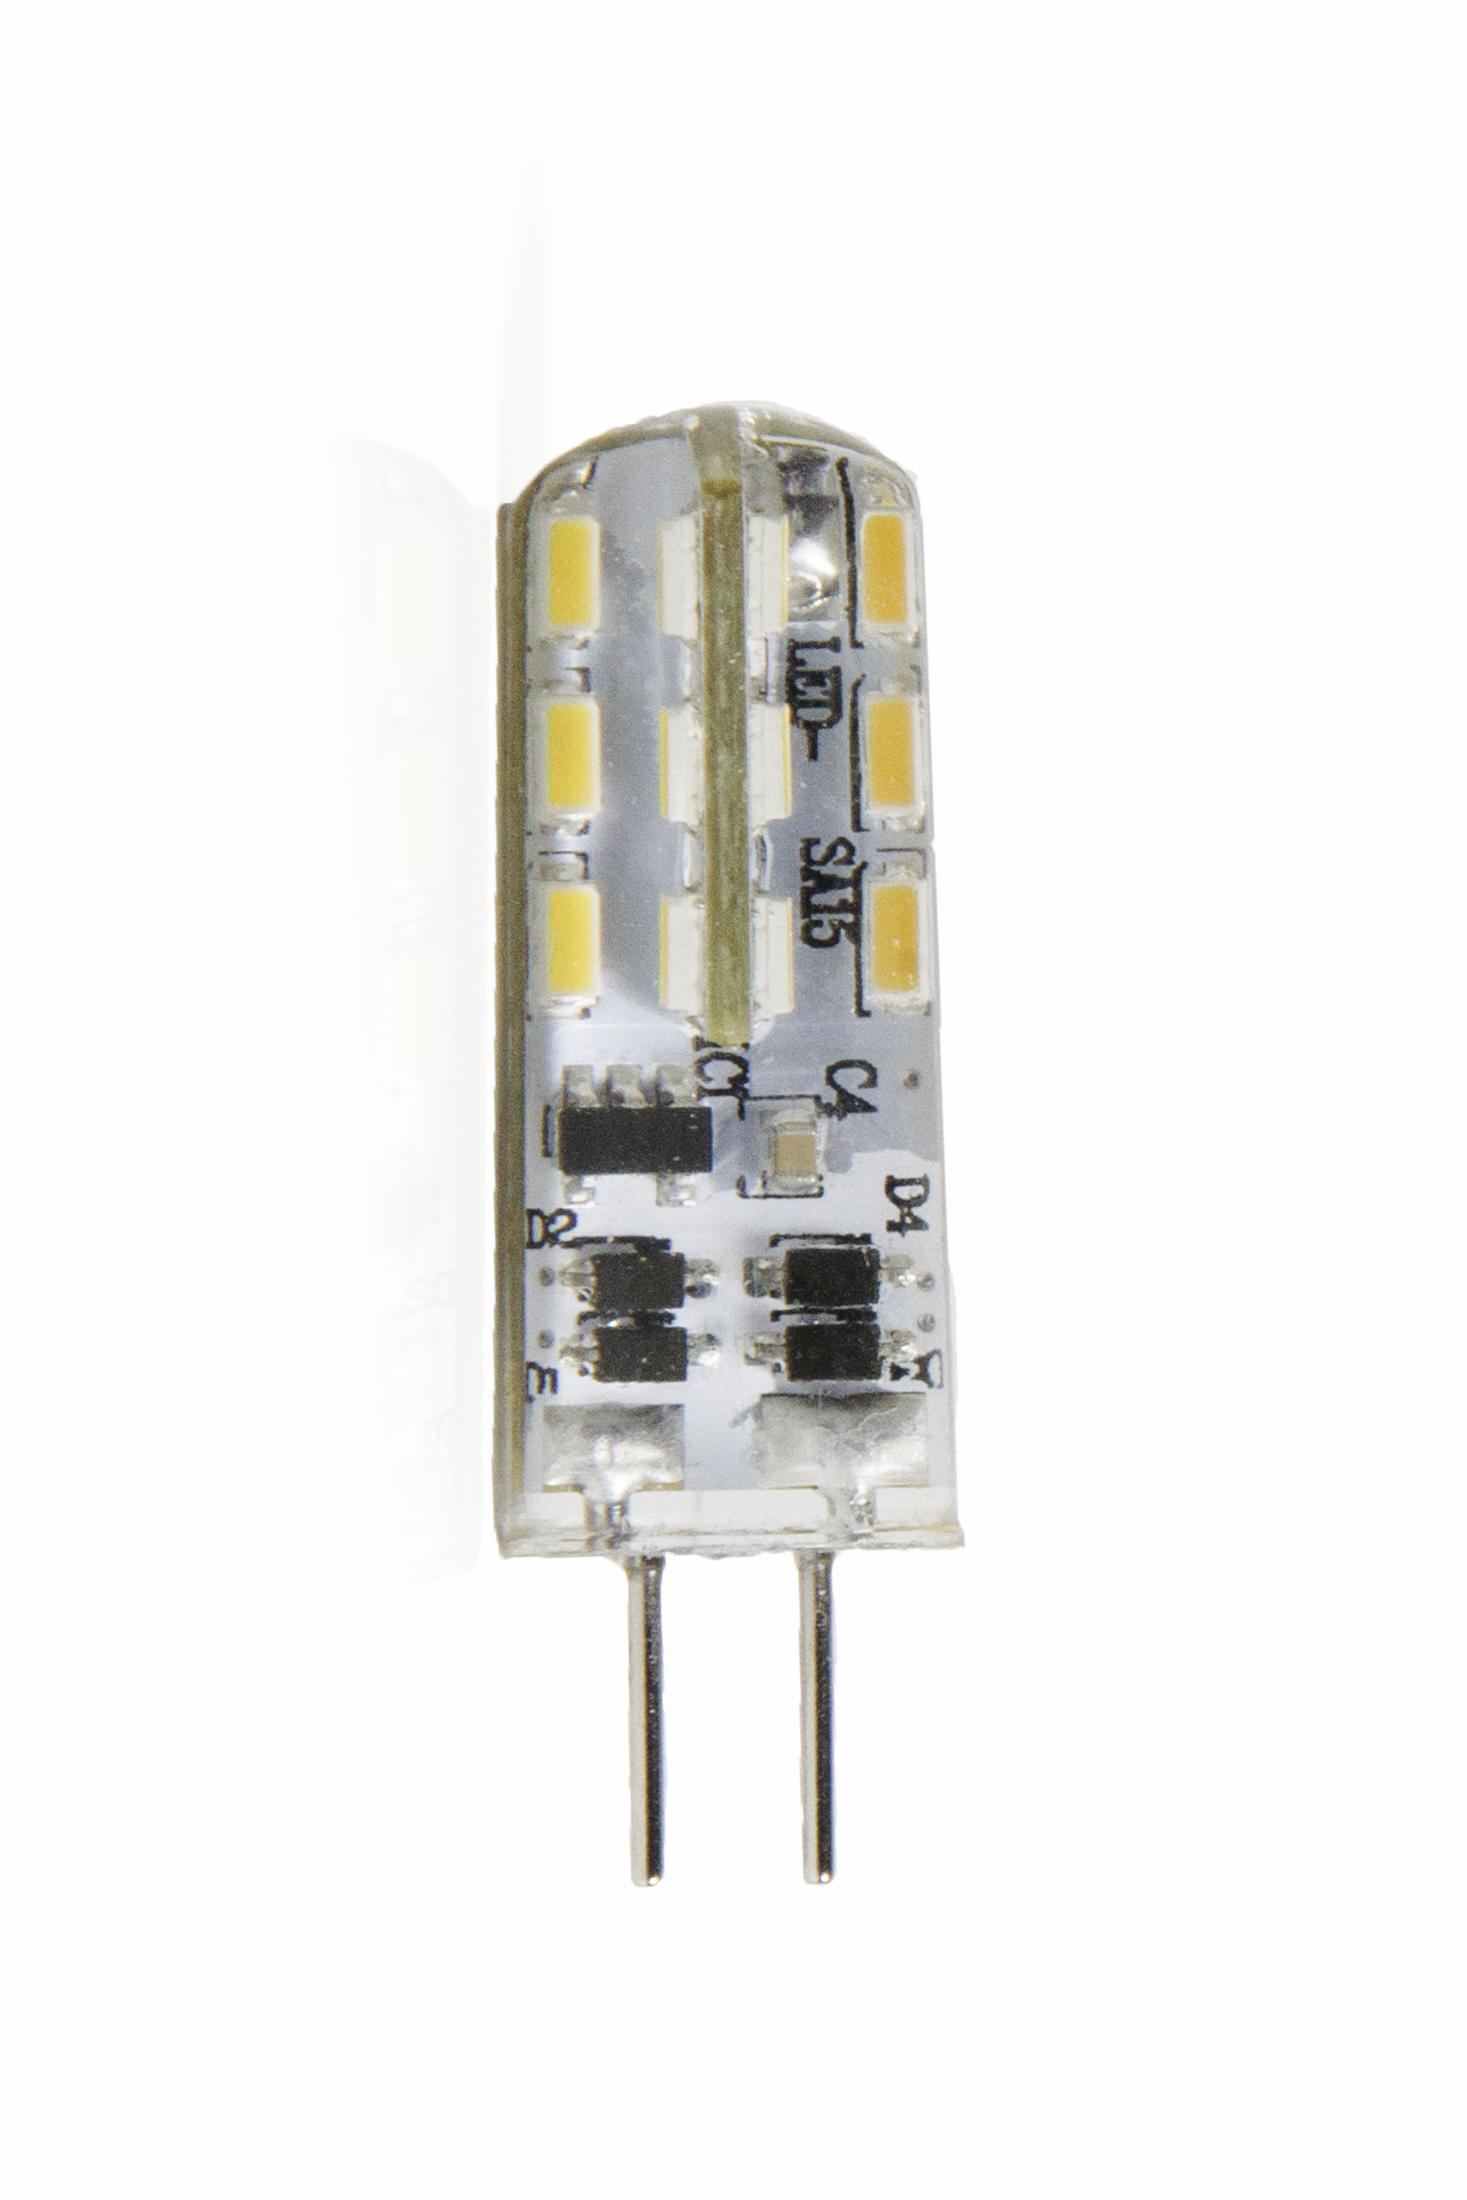 Светодиодная лампа Виктел BK-4B2ЕЕТ, G4, 2Вт, 3000K, 360градусов, 12VСветодиодные лампы<br><br><br>Тип цоколя: G4<br>Рабочее напряжение, В: 12<br>Мощность, Вт: 2<br>Мощность заменяемой лампы, Вт: 25<br>Световой поток, Лм: 190<br>Цветовая температура, K: 3000<br>Угол раскрытия, °: 360